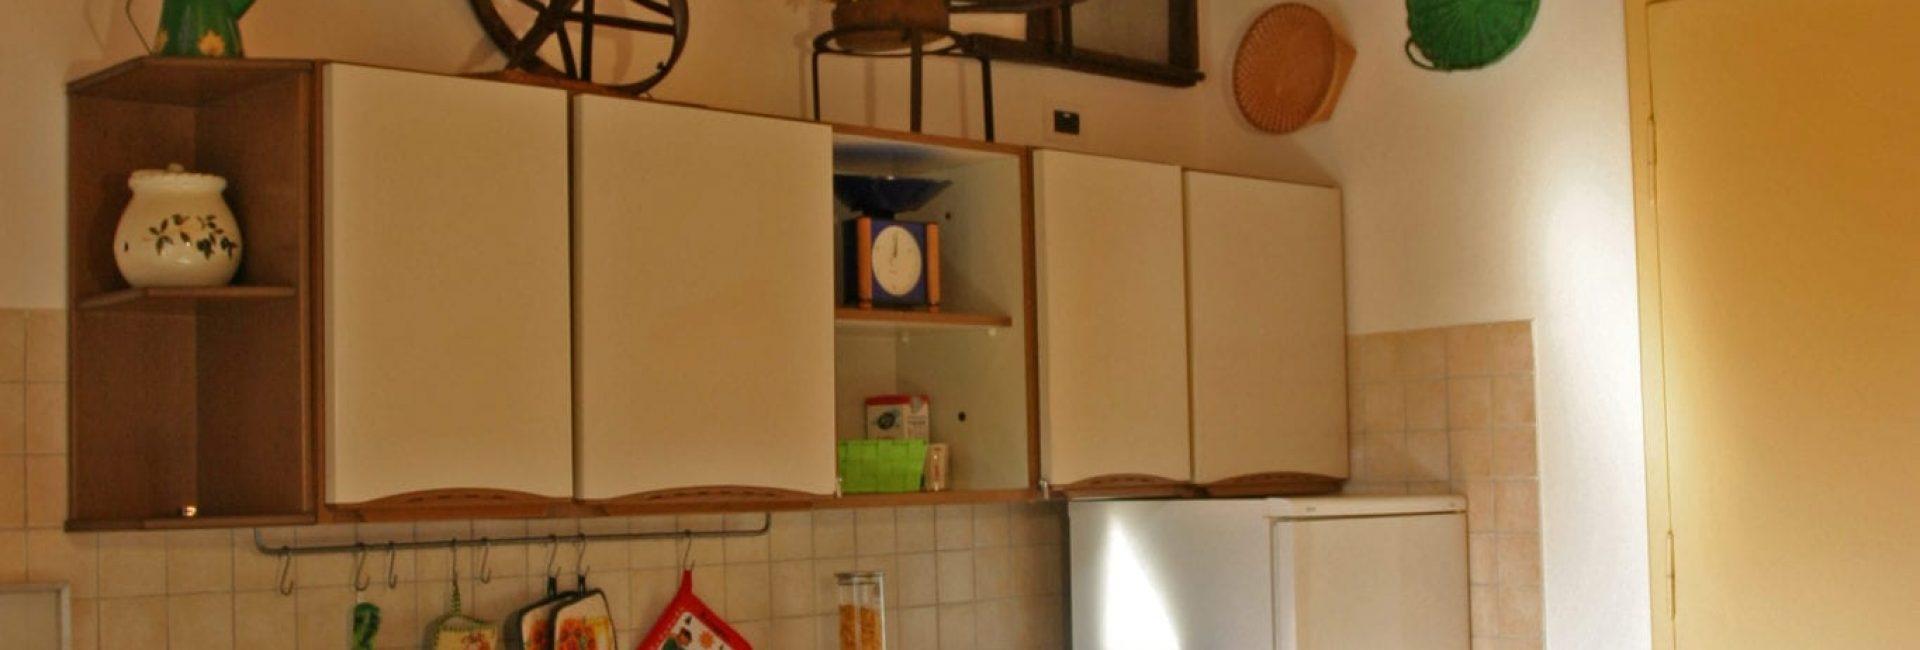 3 - cucina-angolo contdino